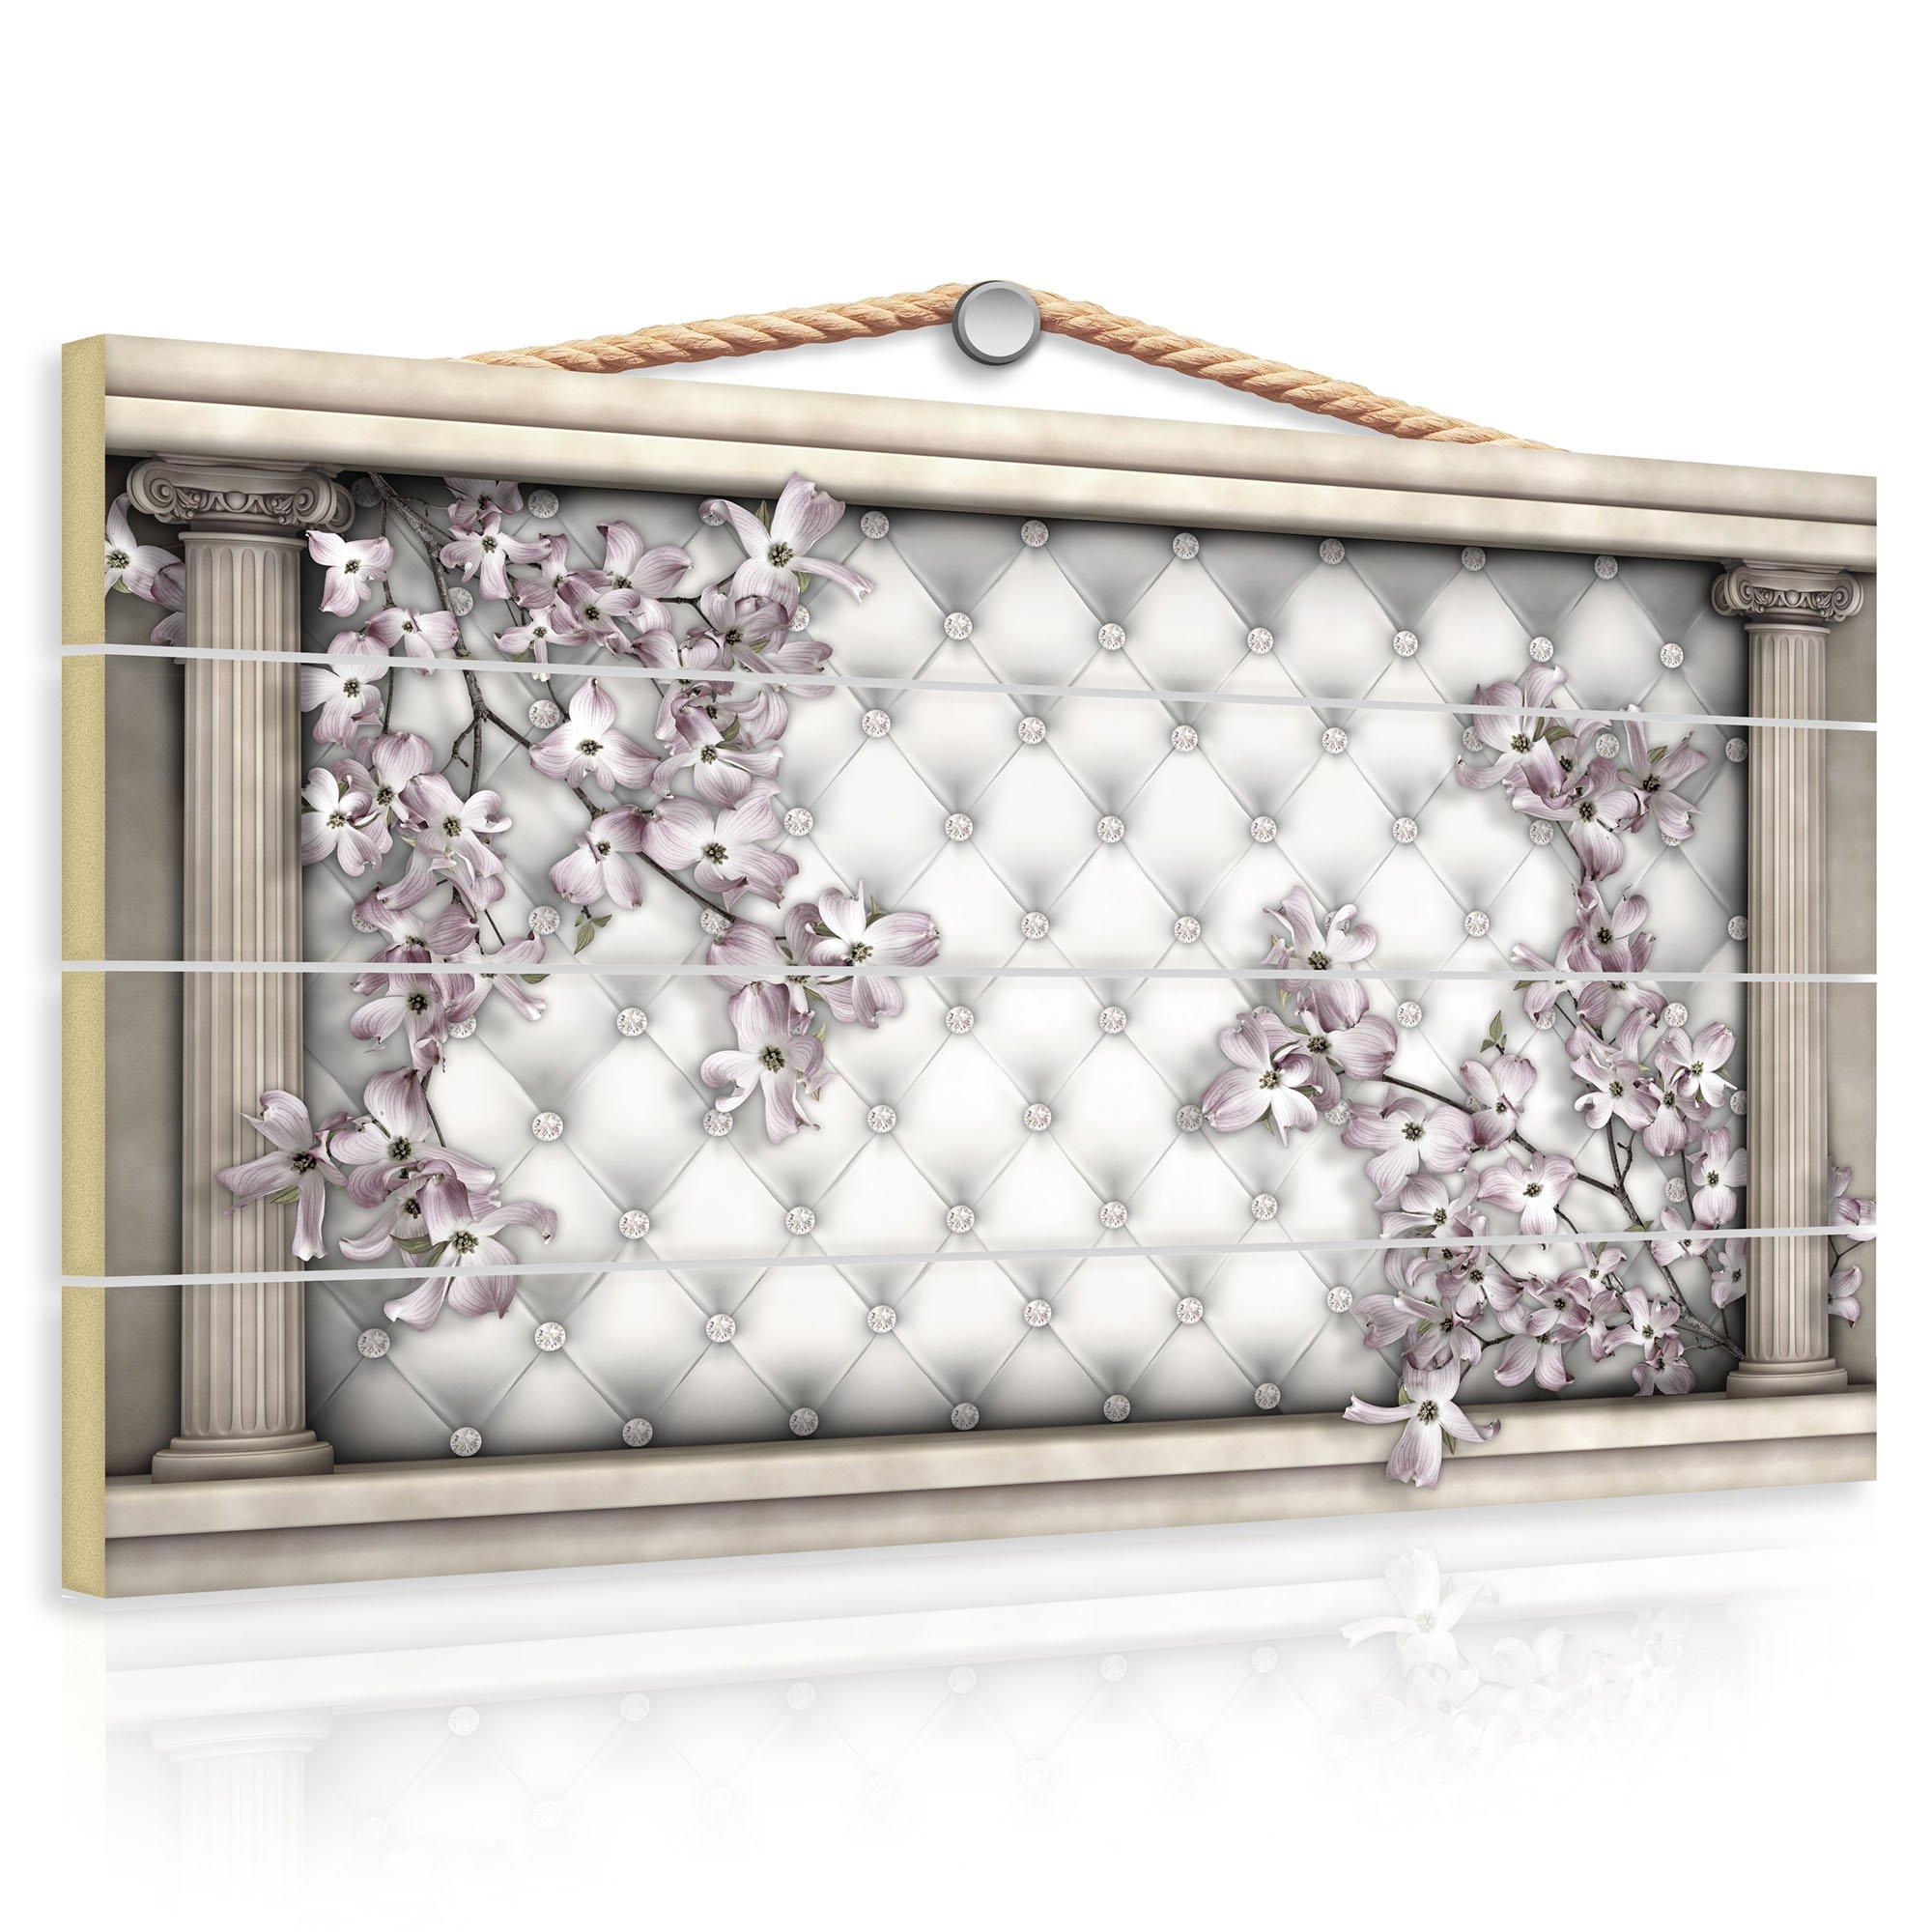 holzbild mit bl ten und s ulen weltderbilder. Black Bedroom Furniture Sets. Home Design Ideas